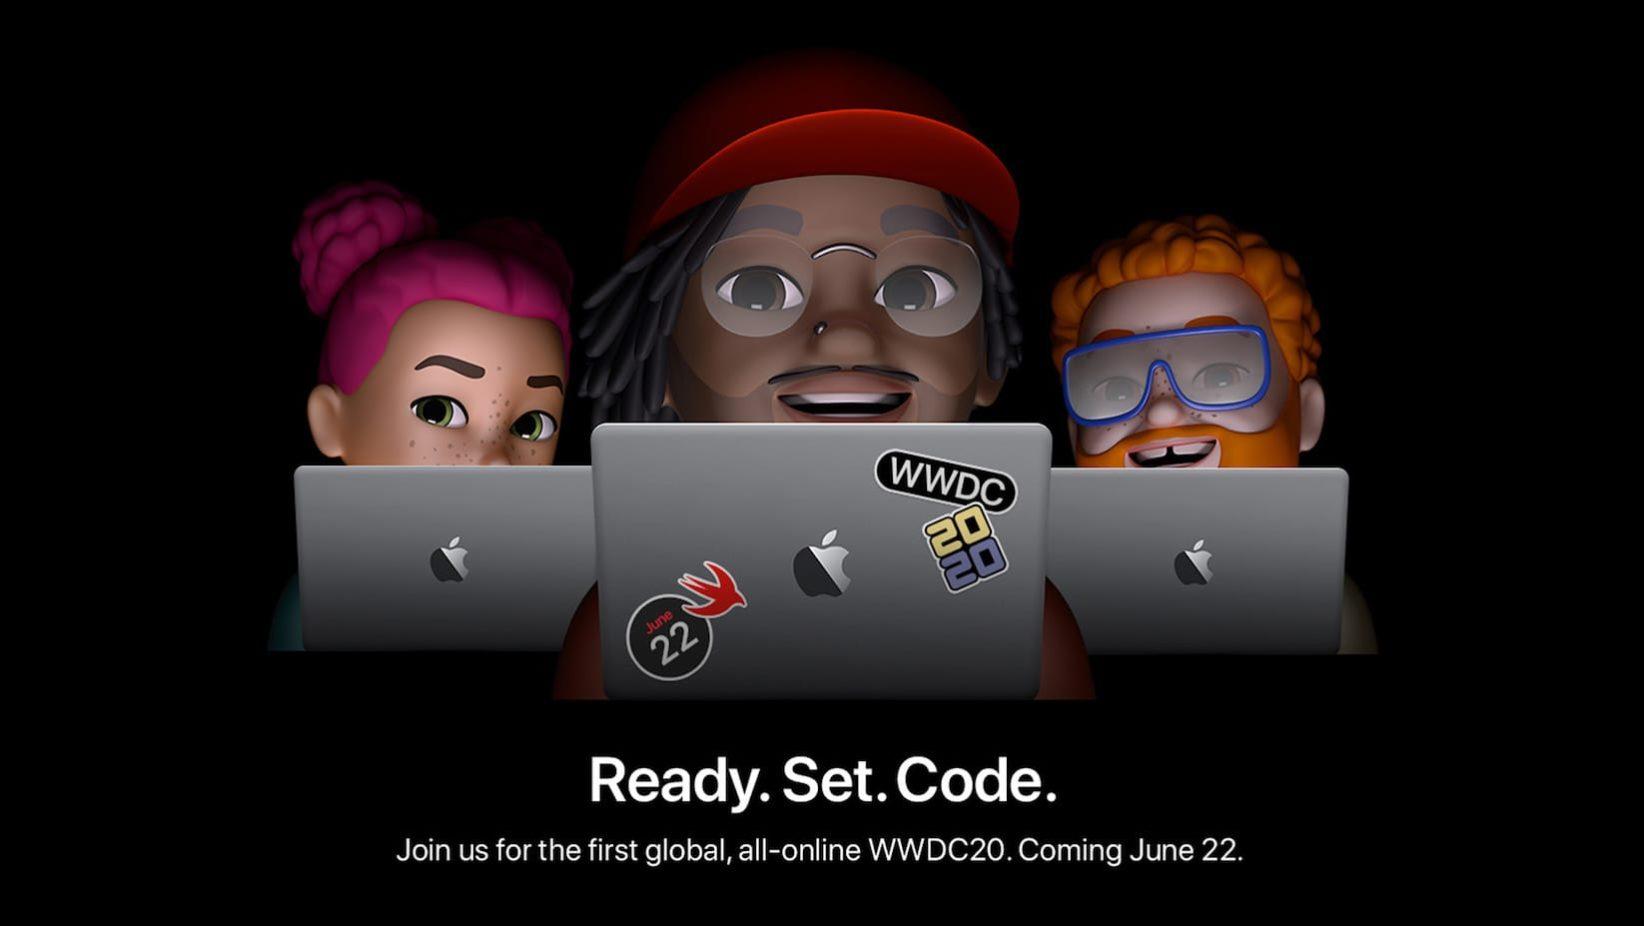 「WWDC20」が6月22日(月)開幕